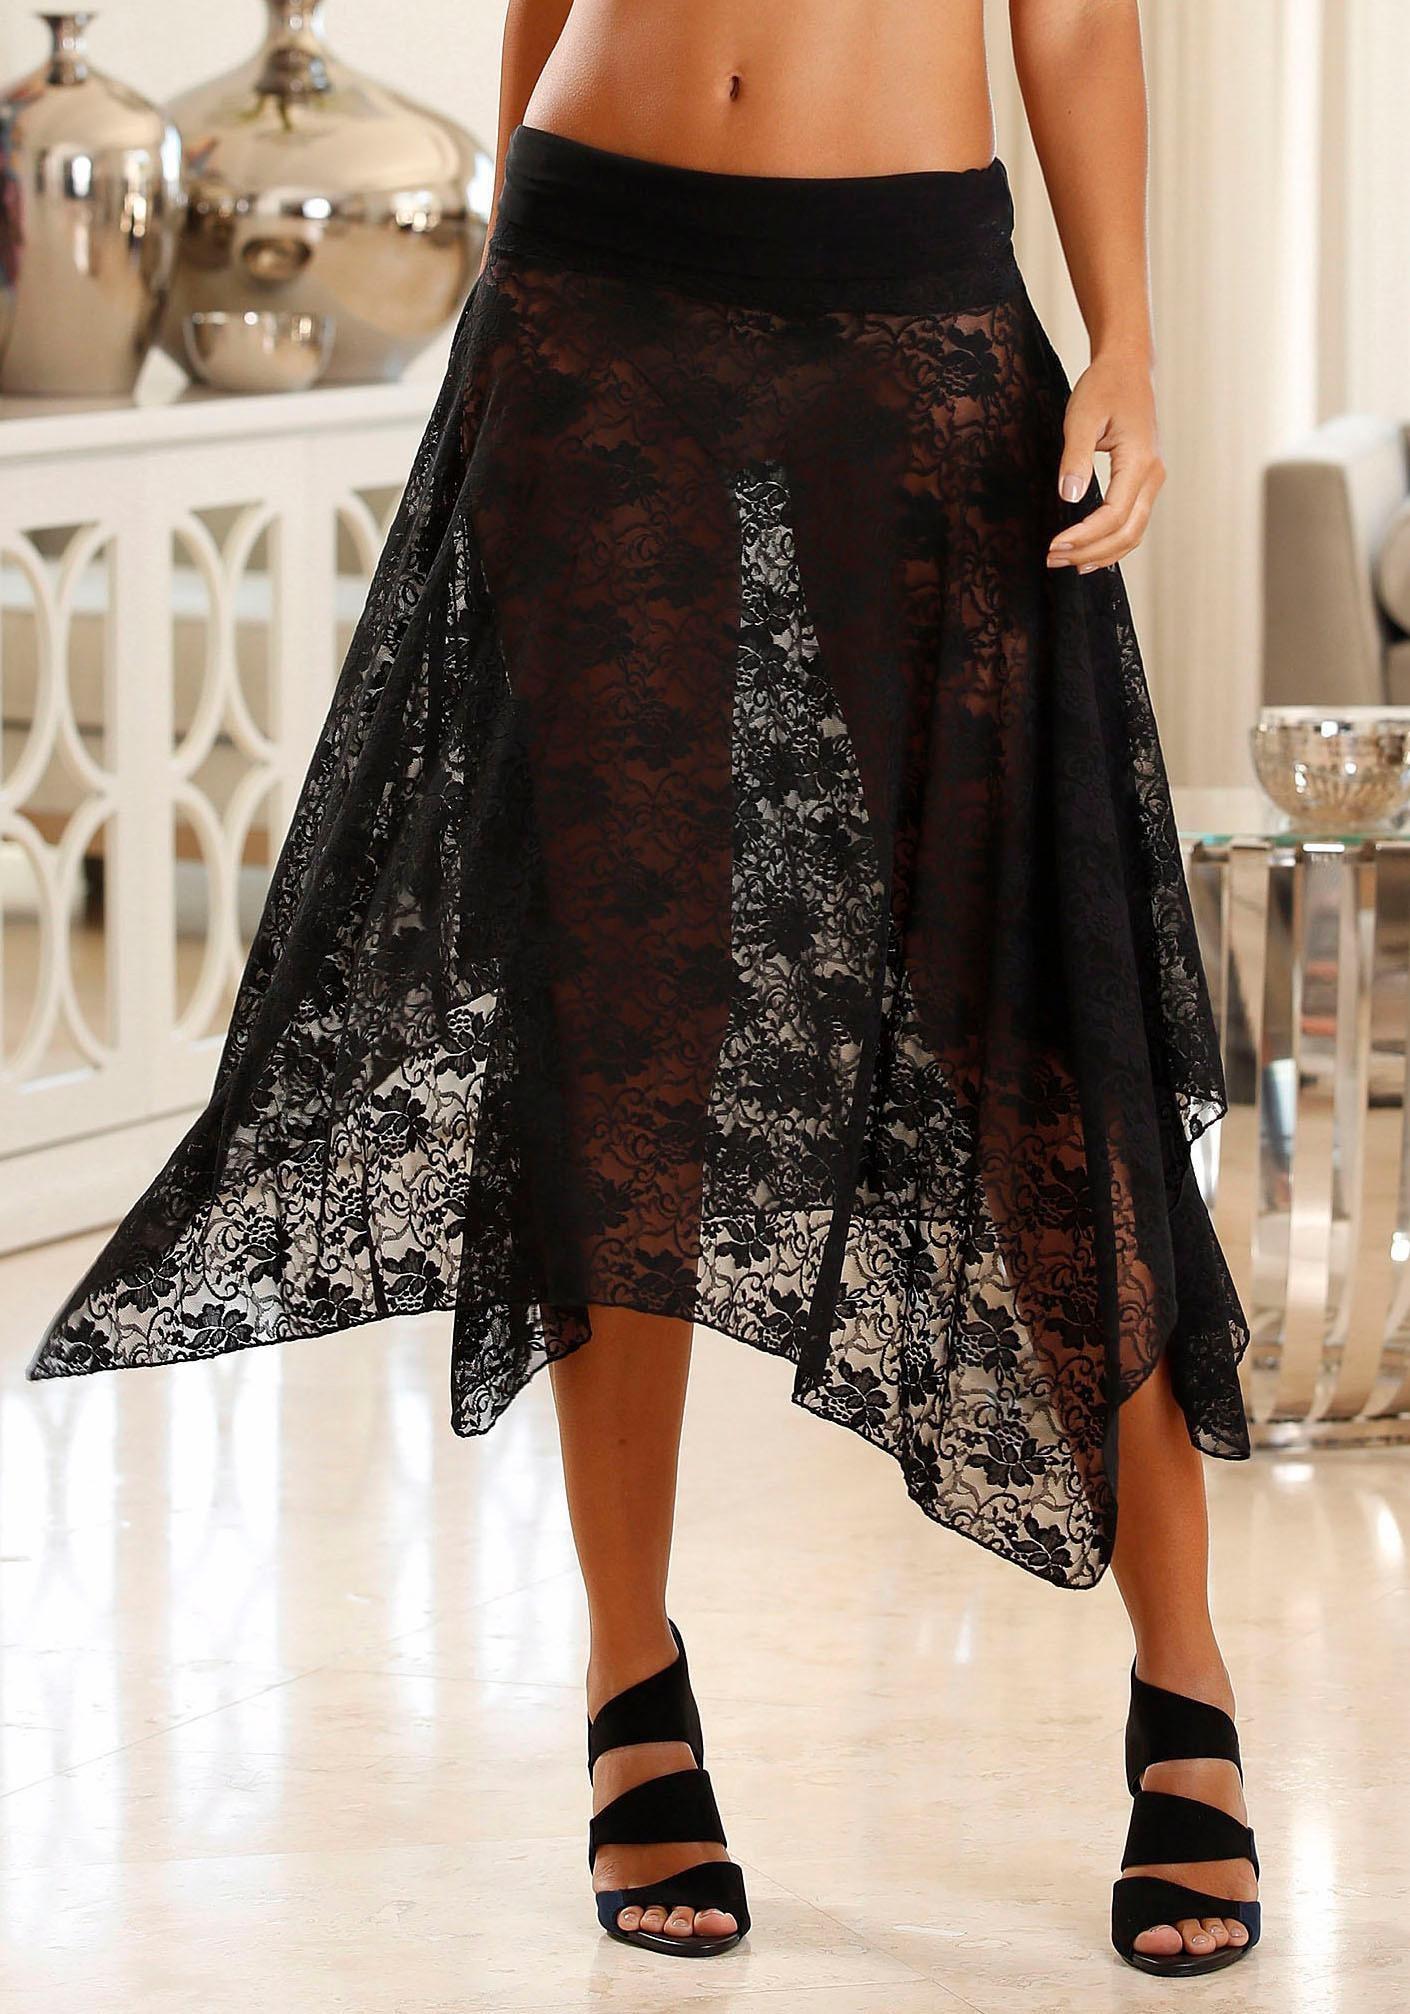 LASCANA Multiway-Rock   - Kleid aus transparenter Spitze mit 3  Tragevarianten online kaufen 0c0a64b6cc